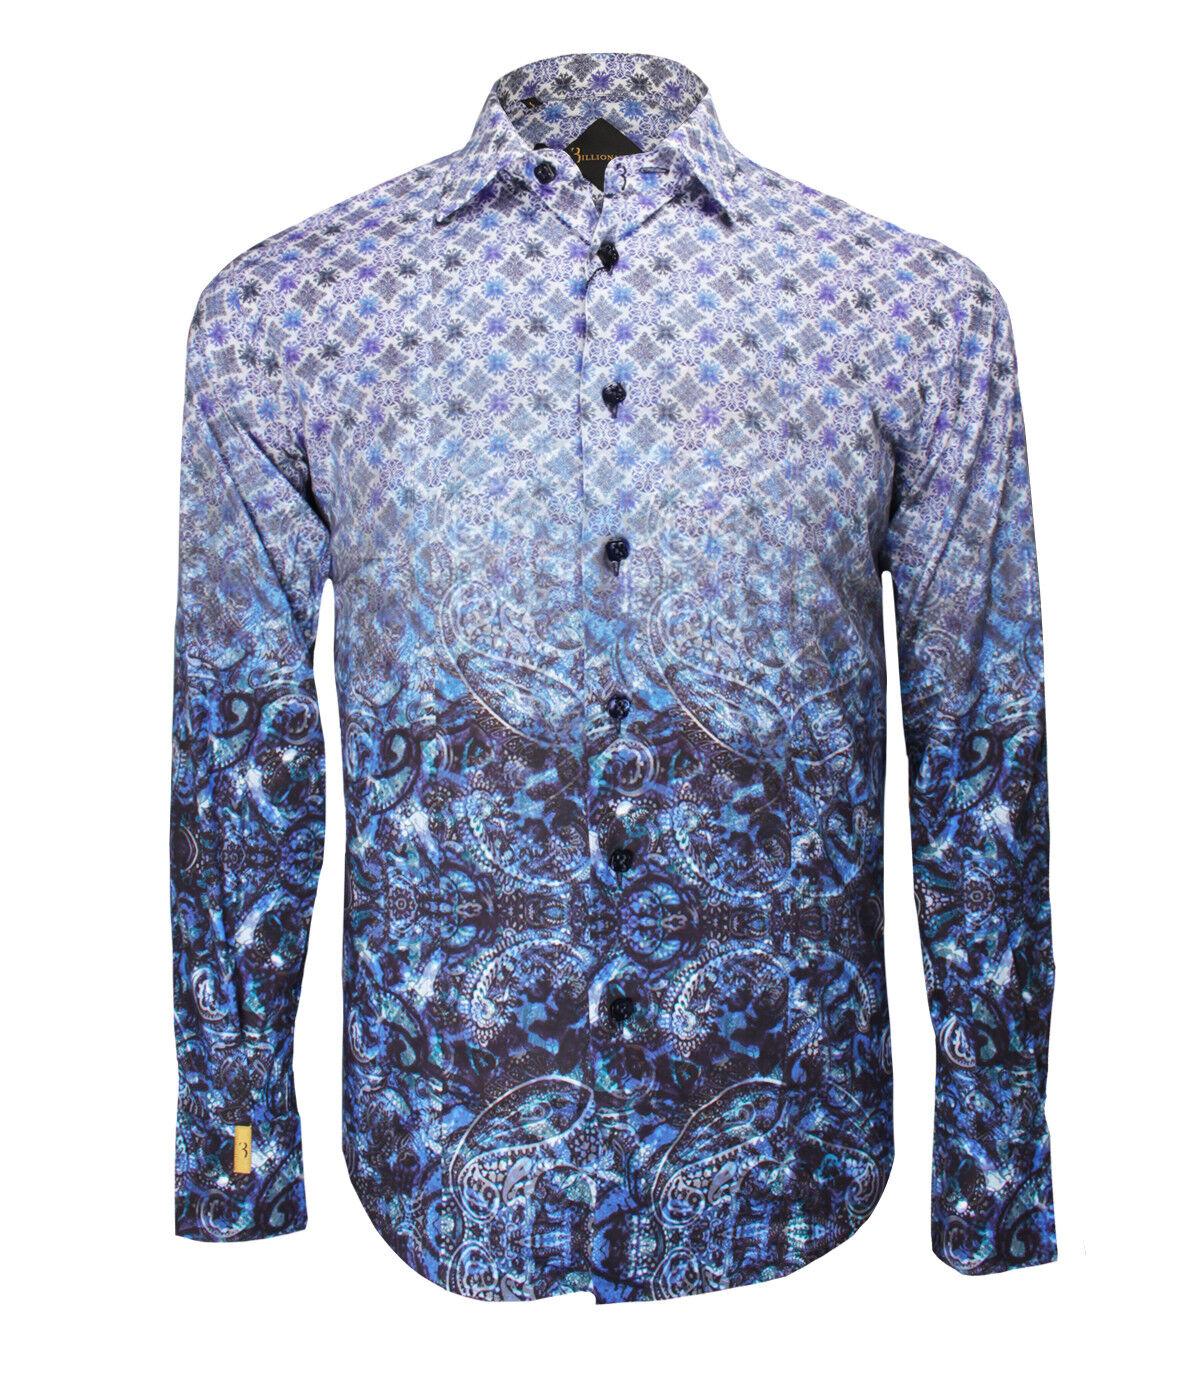 Billionaire Couture Men's bluee Floral Cotton Shirt Paris Asian fit, size 39, 42